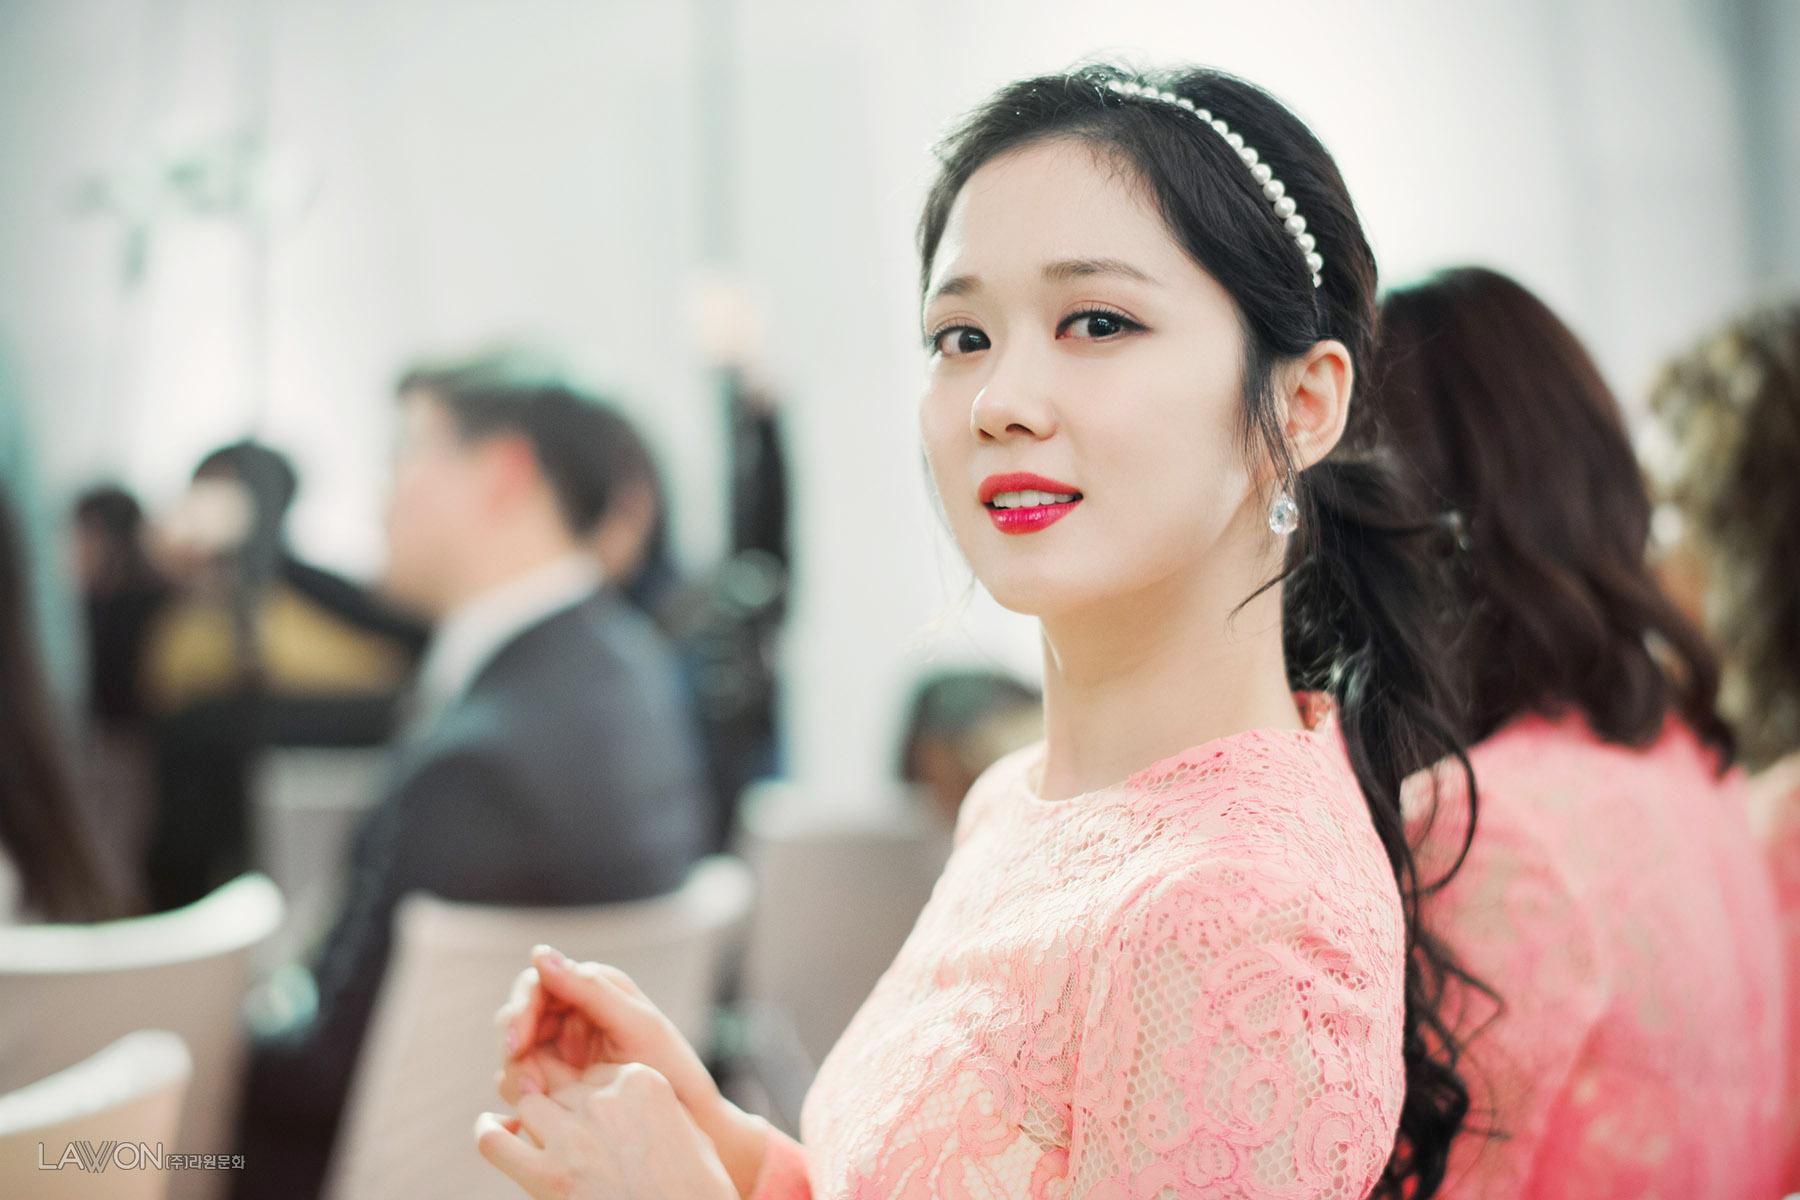 Sao Hàn: Đâu cần V-line làm gì, ngắm những mỹ nhân mặt tròn - cằm chẻ này xem, họ vẫn đẹp đến ngẩn ngơ đấy thôi!